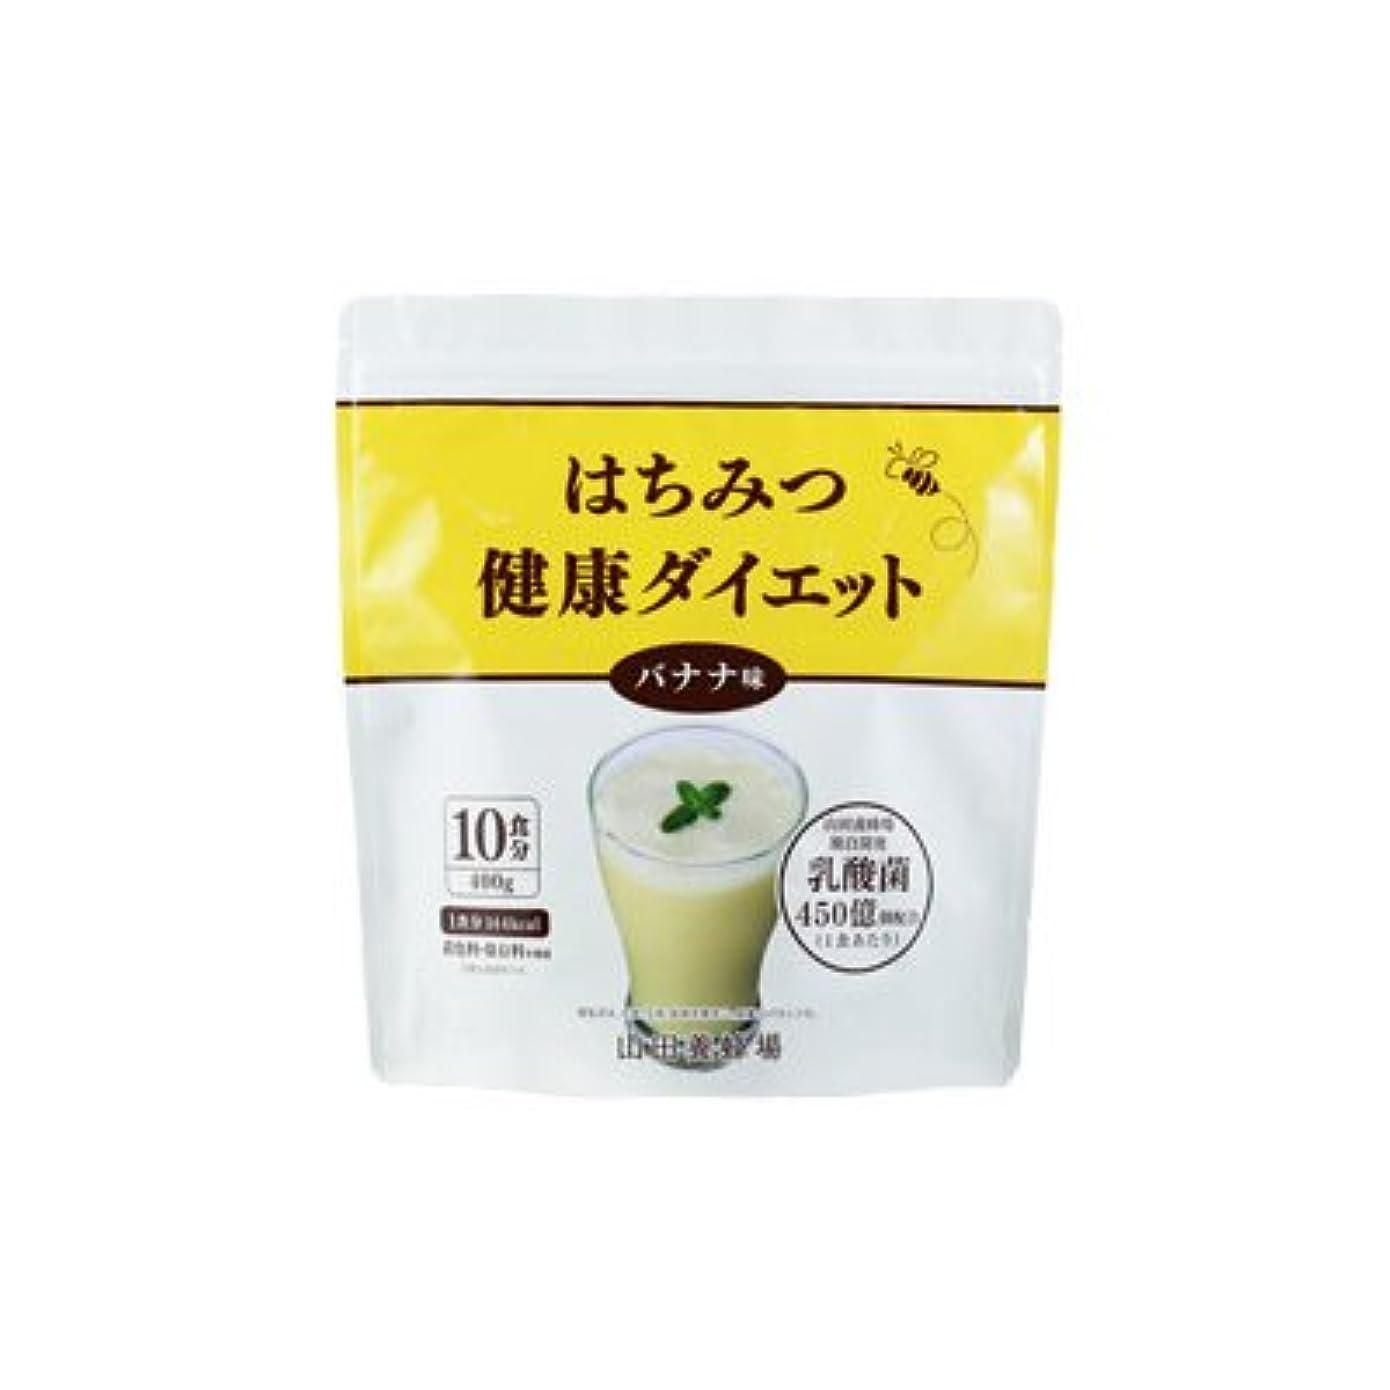 解凍する、雪解け、霜解け顕現不毛はちみつ健康ダイエット 【バナナ味】400g(10食分)